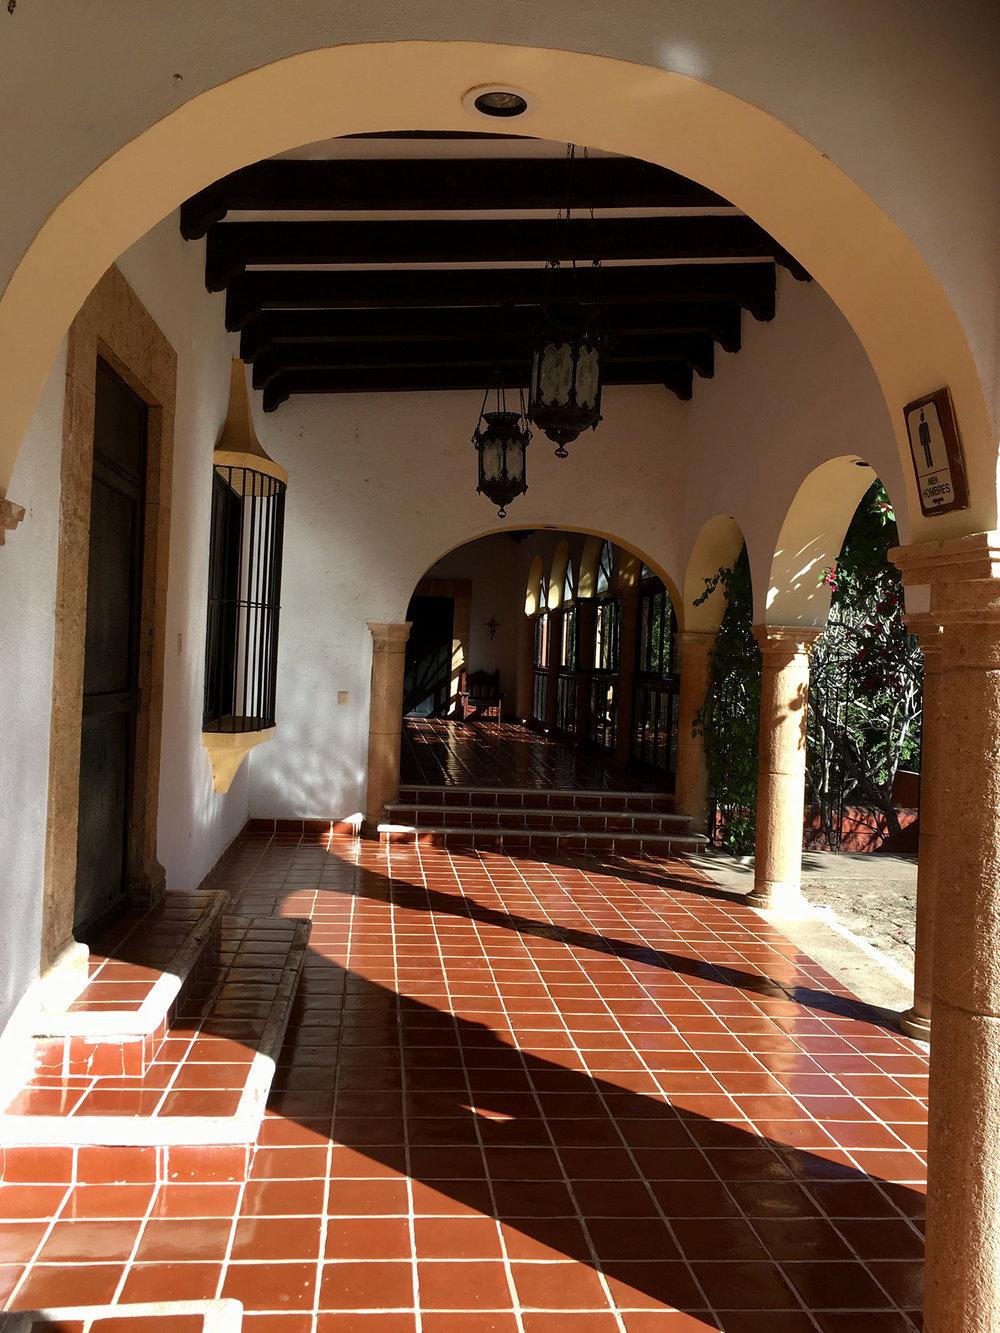 Hammocks_and_Ruins_Blog_Riviera_Maya_Mexico_Travel_Discover_Yucatan_What_to_do_Merida_Haciendas_Teya_33.jpg